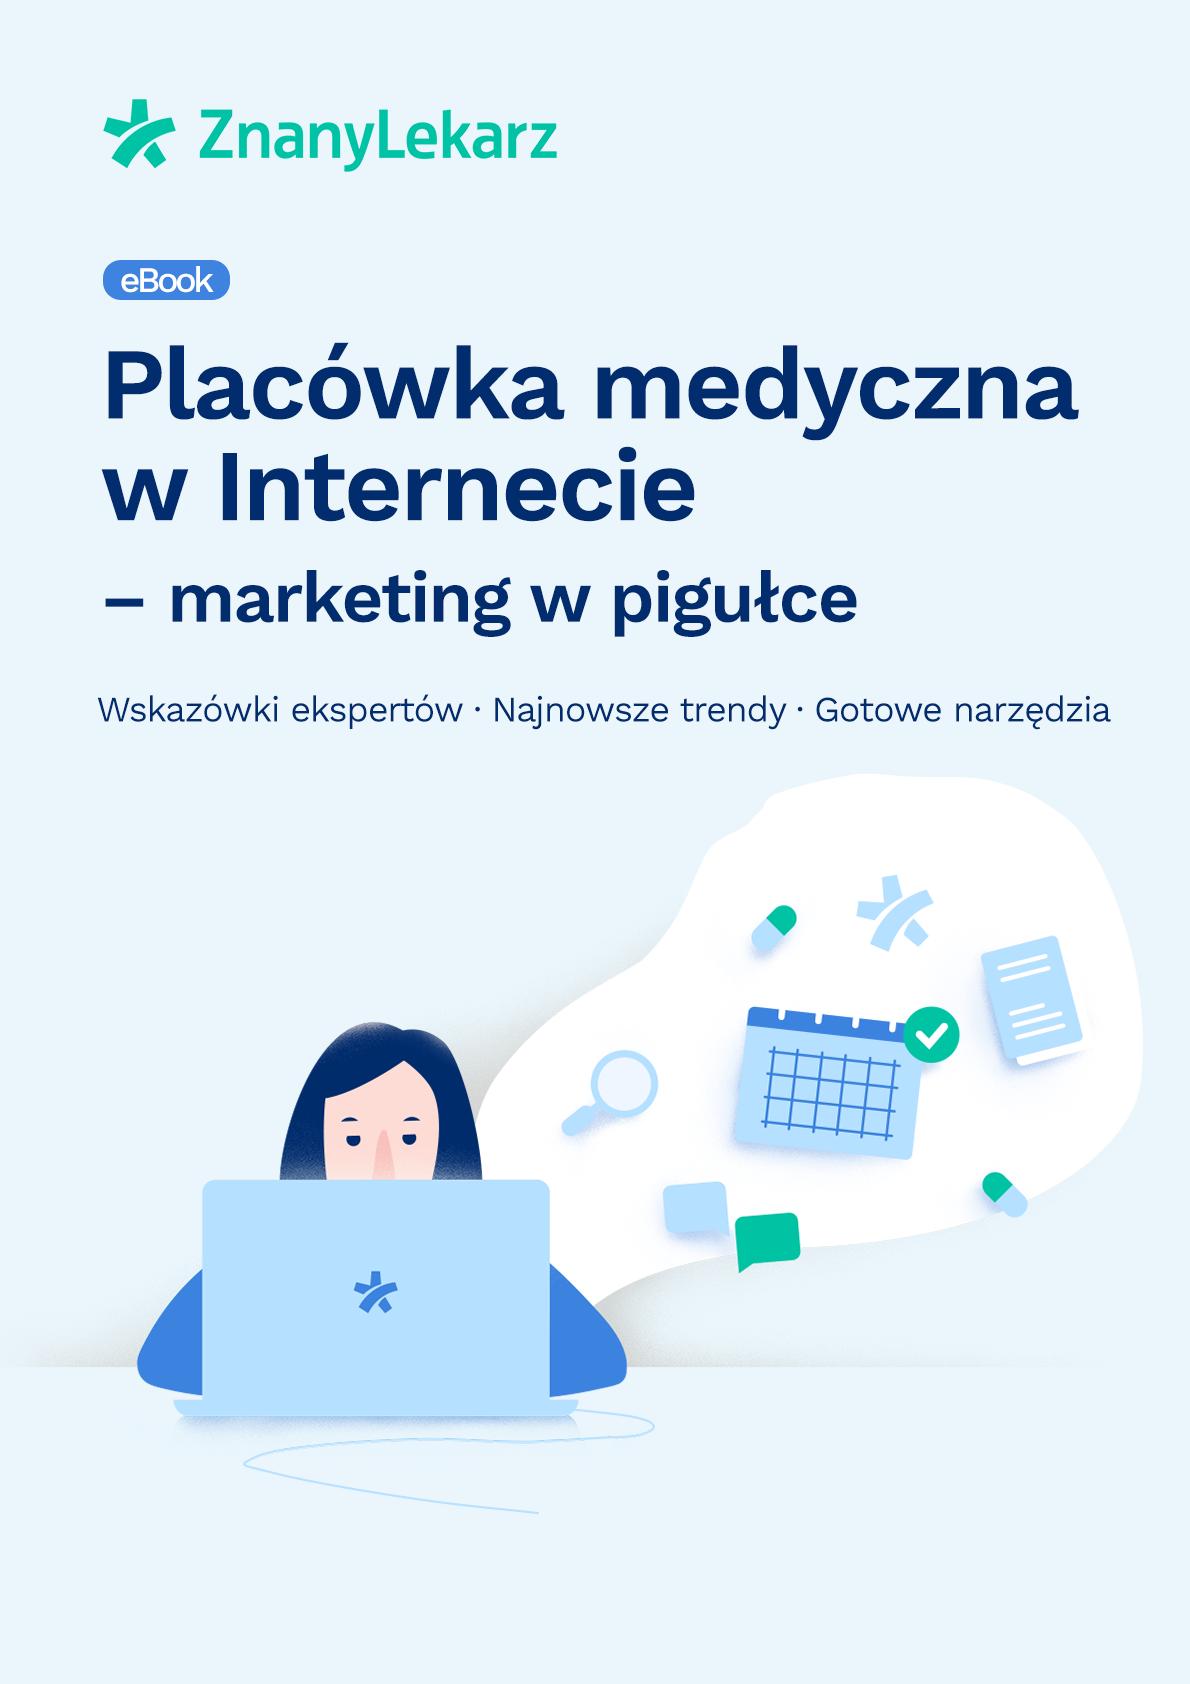 Ebook - Placówka medyczna w Internecie